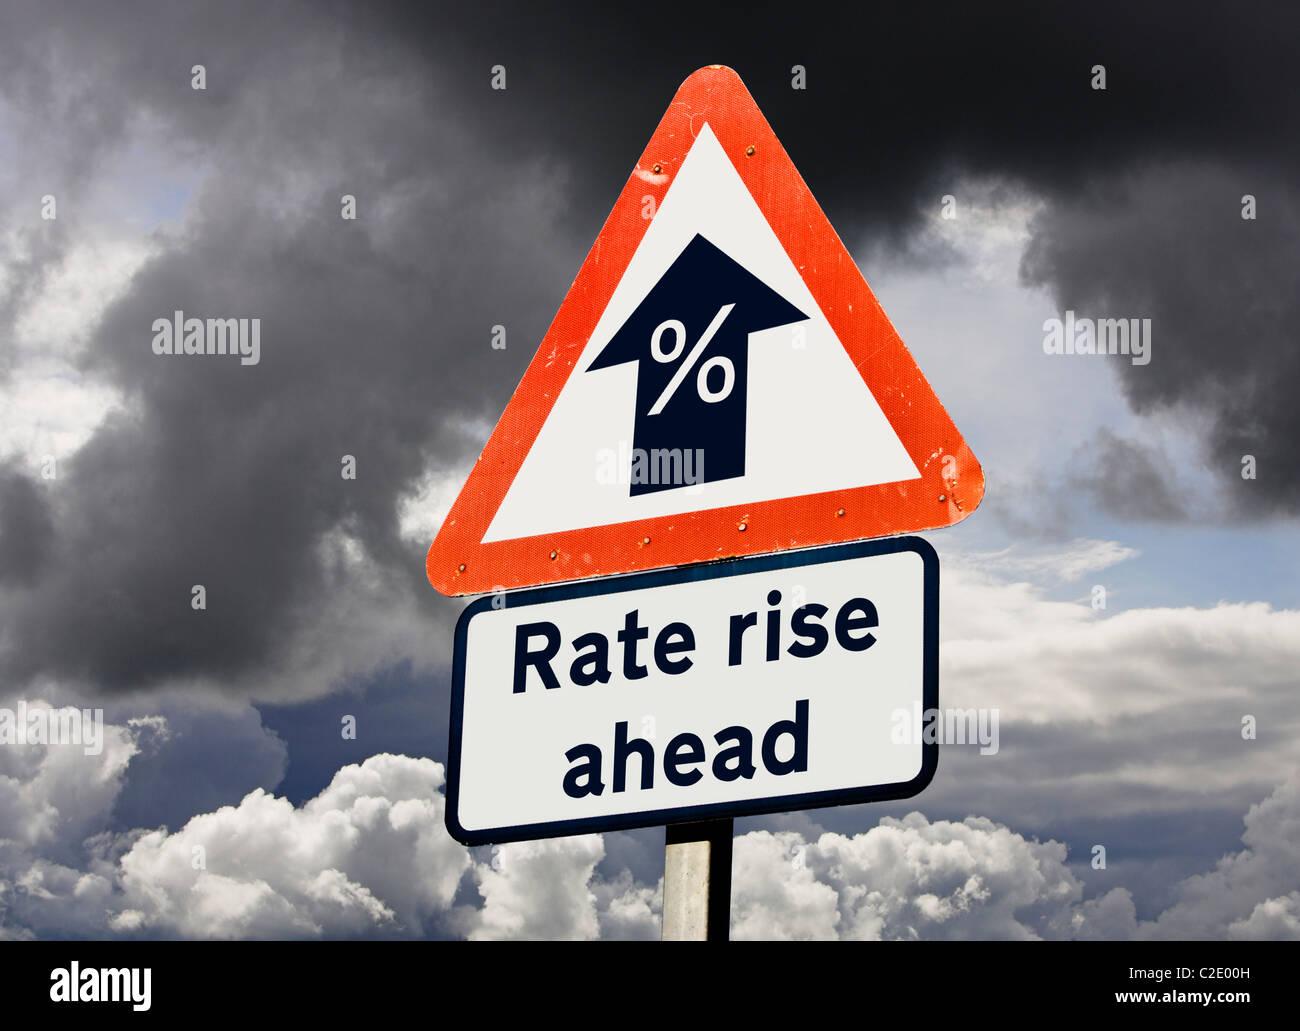 Finanzkonzept Warnung der Zinssatz steigen weiter - zukünftige Zeichen, England UK Stockbild